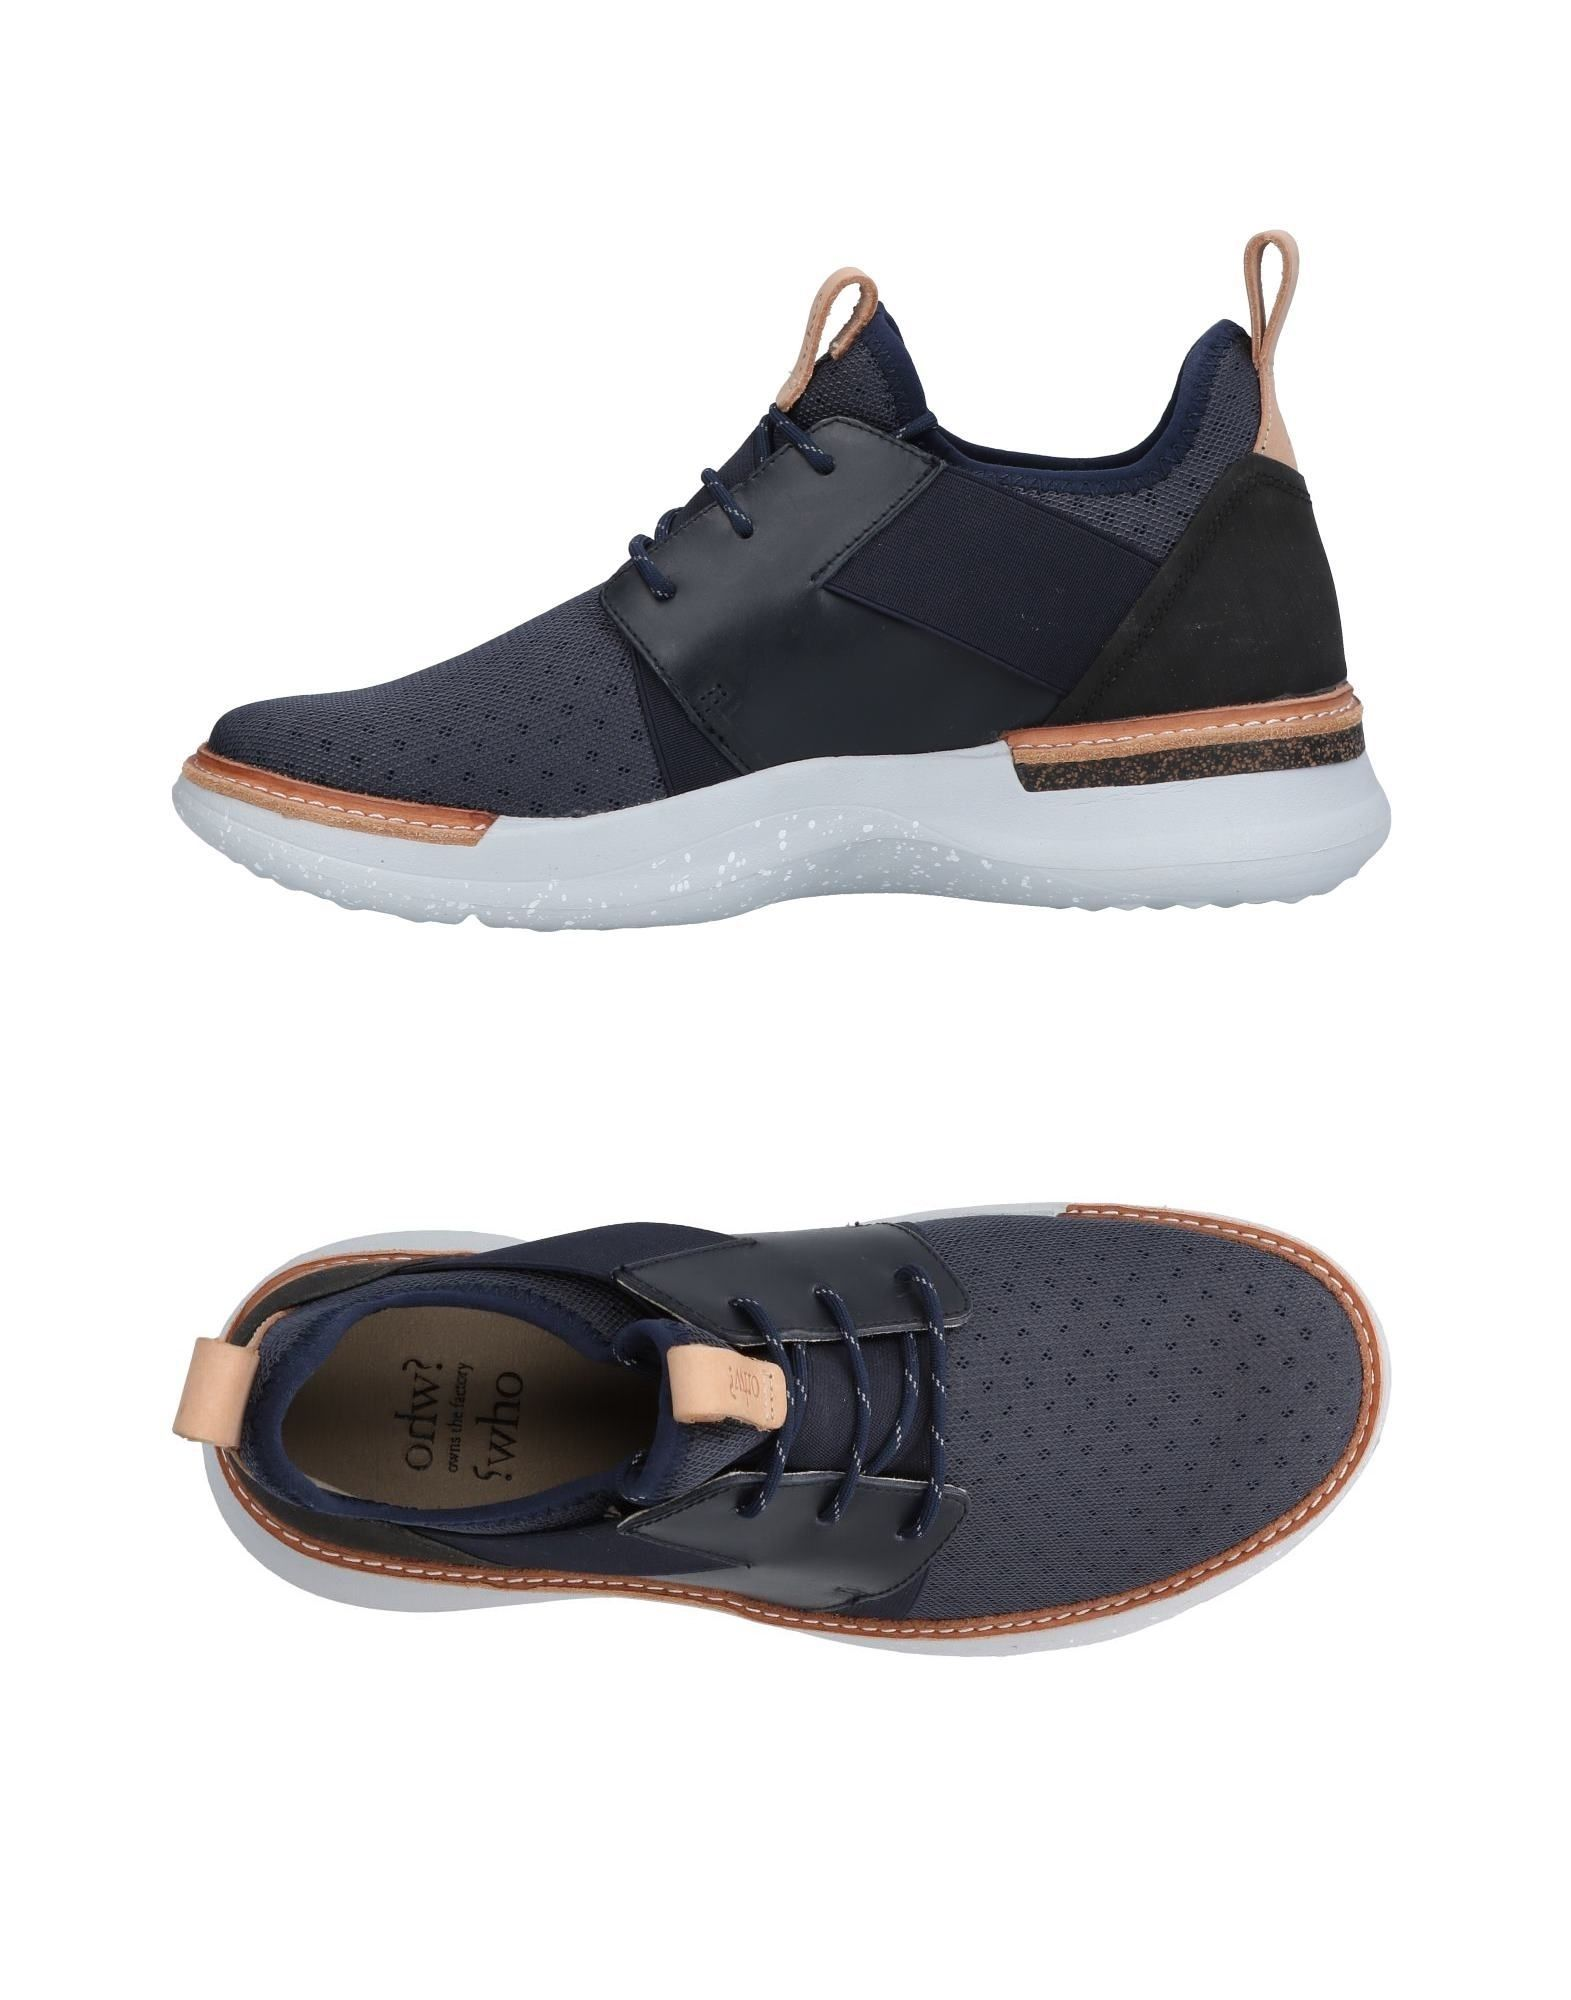 Sneakers Ohw? Homme - Sneakers Ohw?  Bleu foncé Dédouanement saisonnier